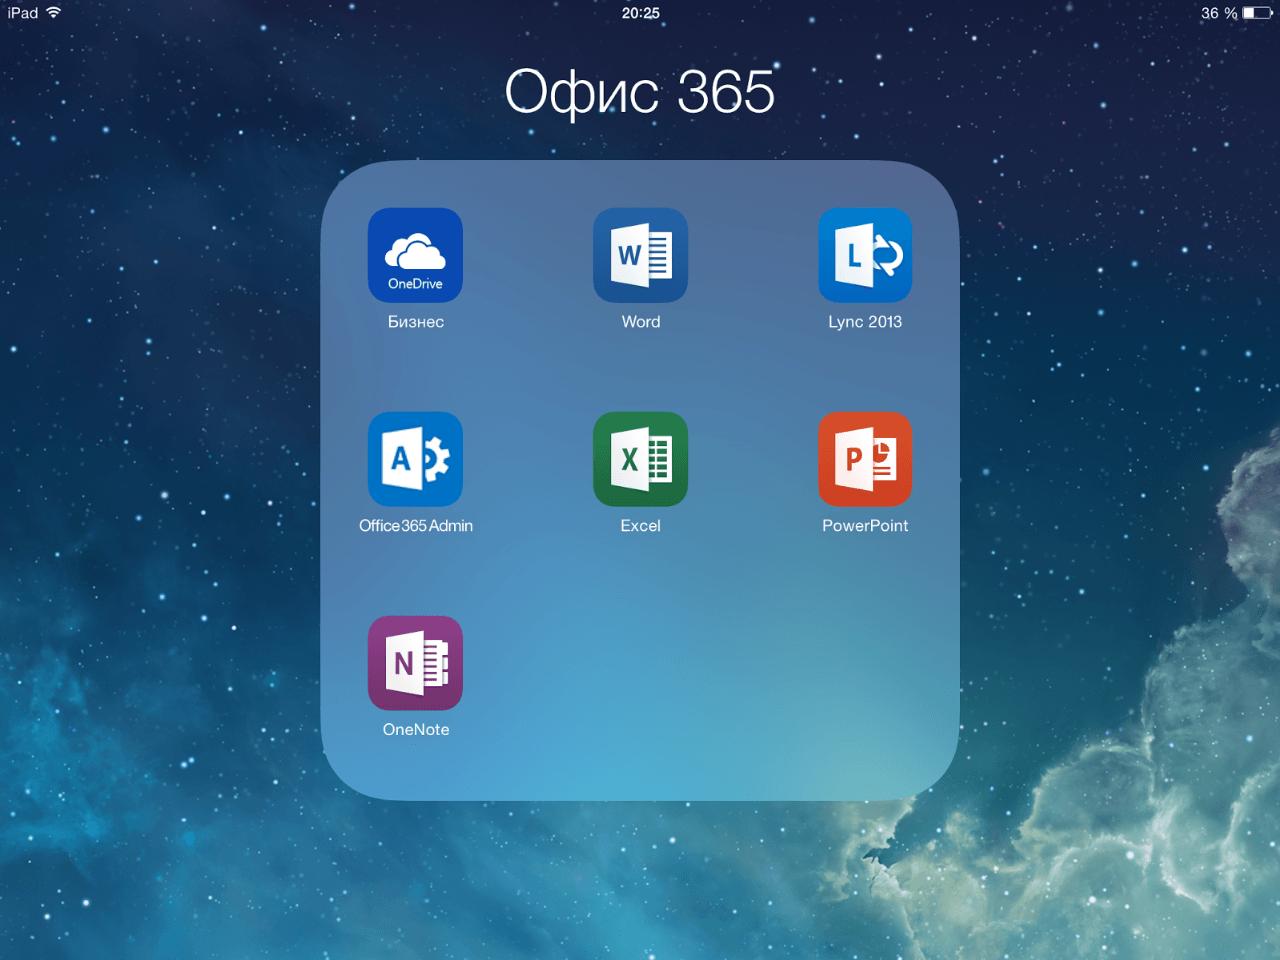 Уже можно скачать Microsoft Office на iPad, причем совершенно бесплатно